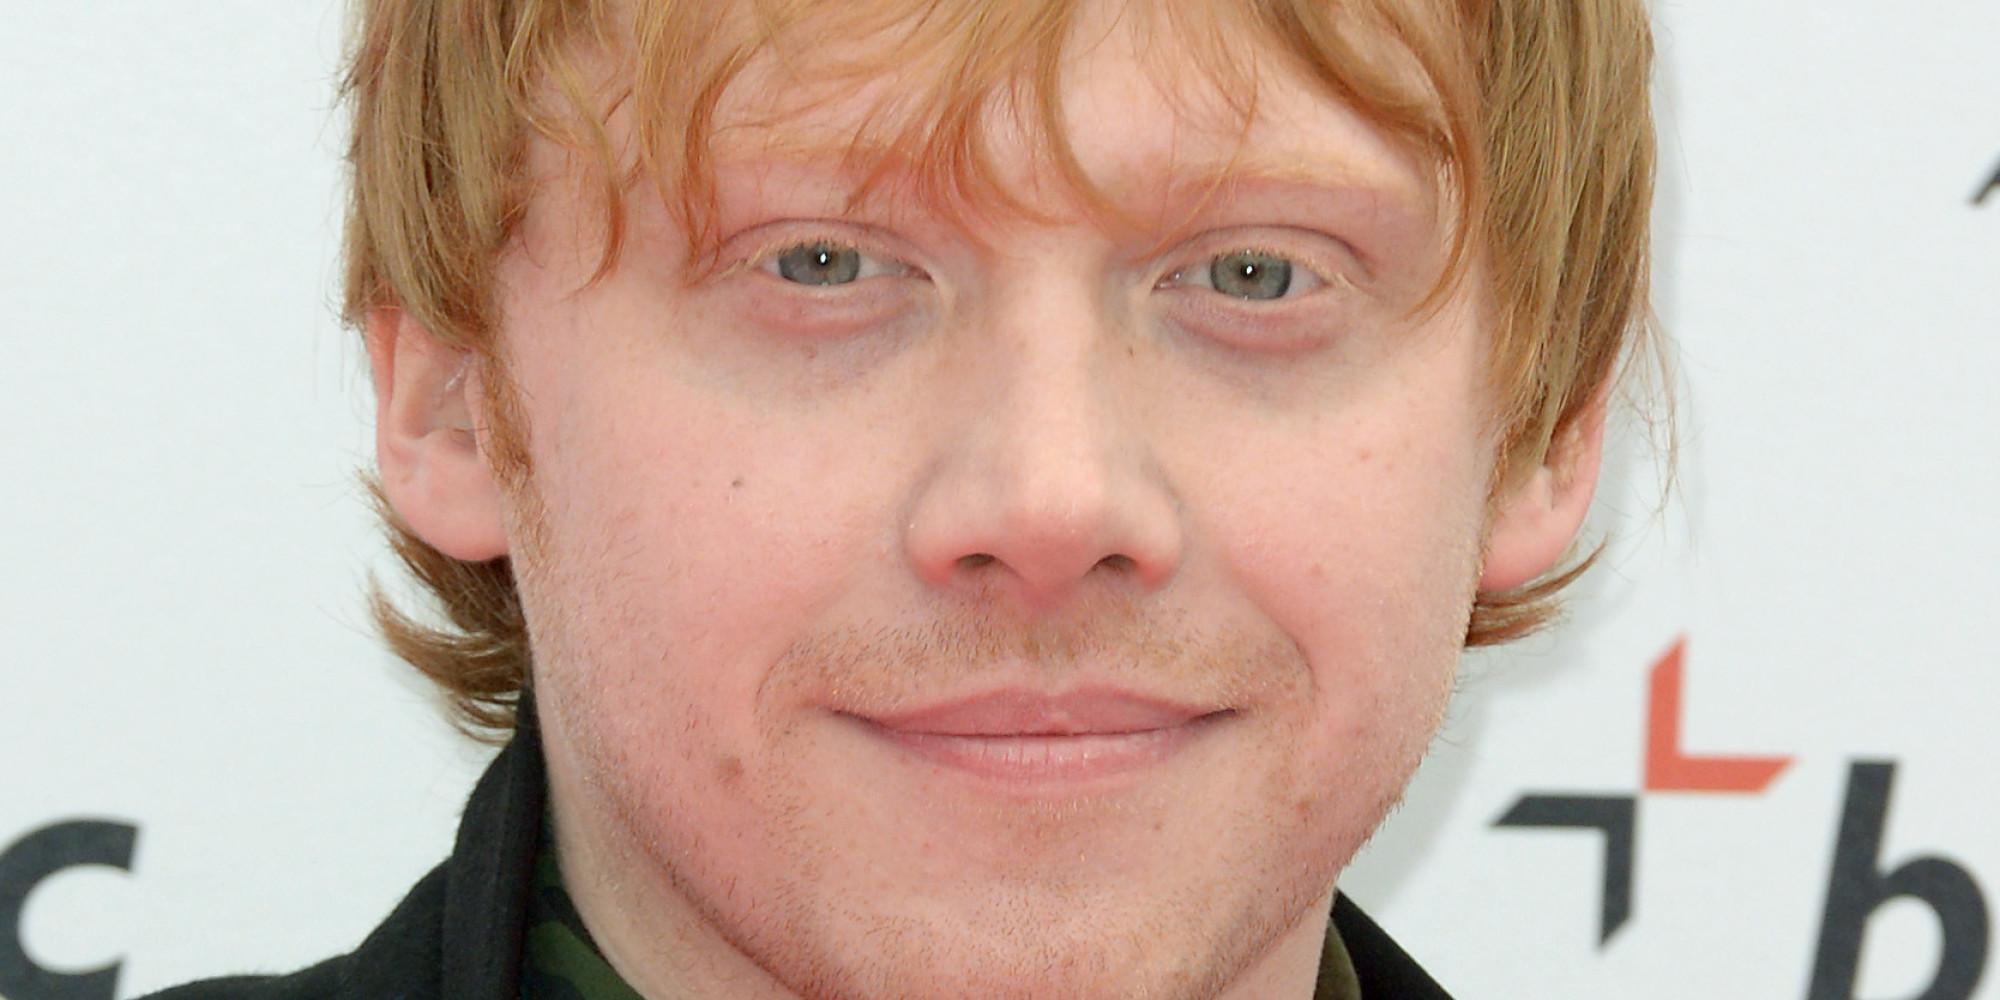 Rupert Grint Says Harry Potter Salary Was 'Ridiculous' - Entertainmen... Rupert Grint